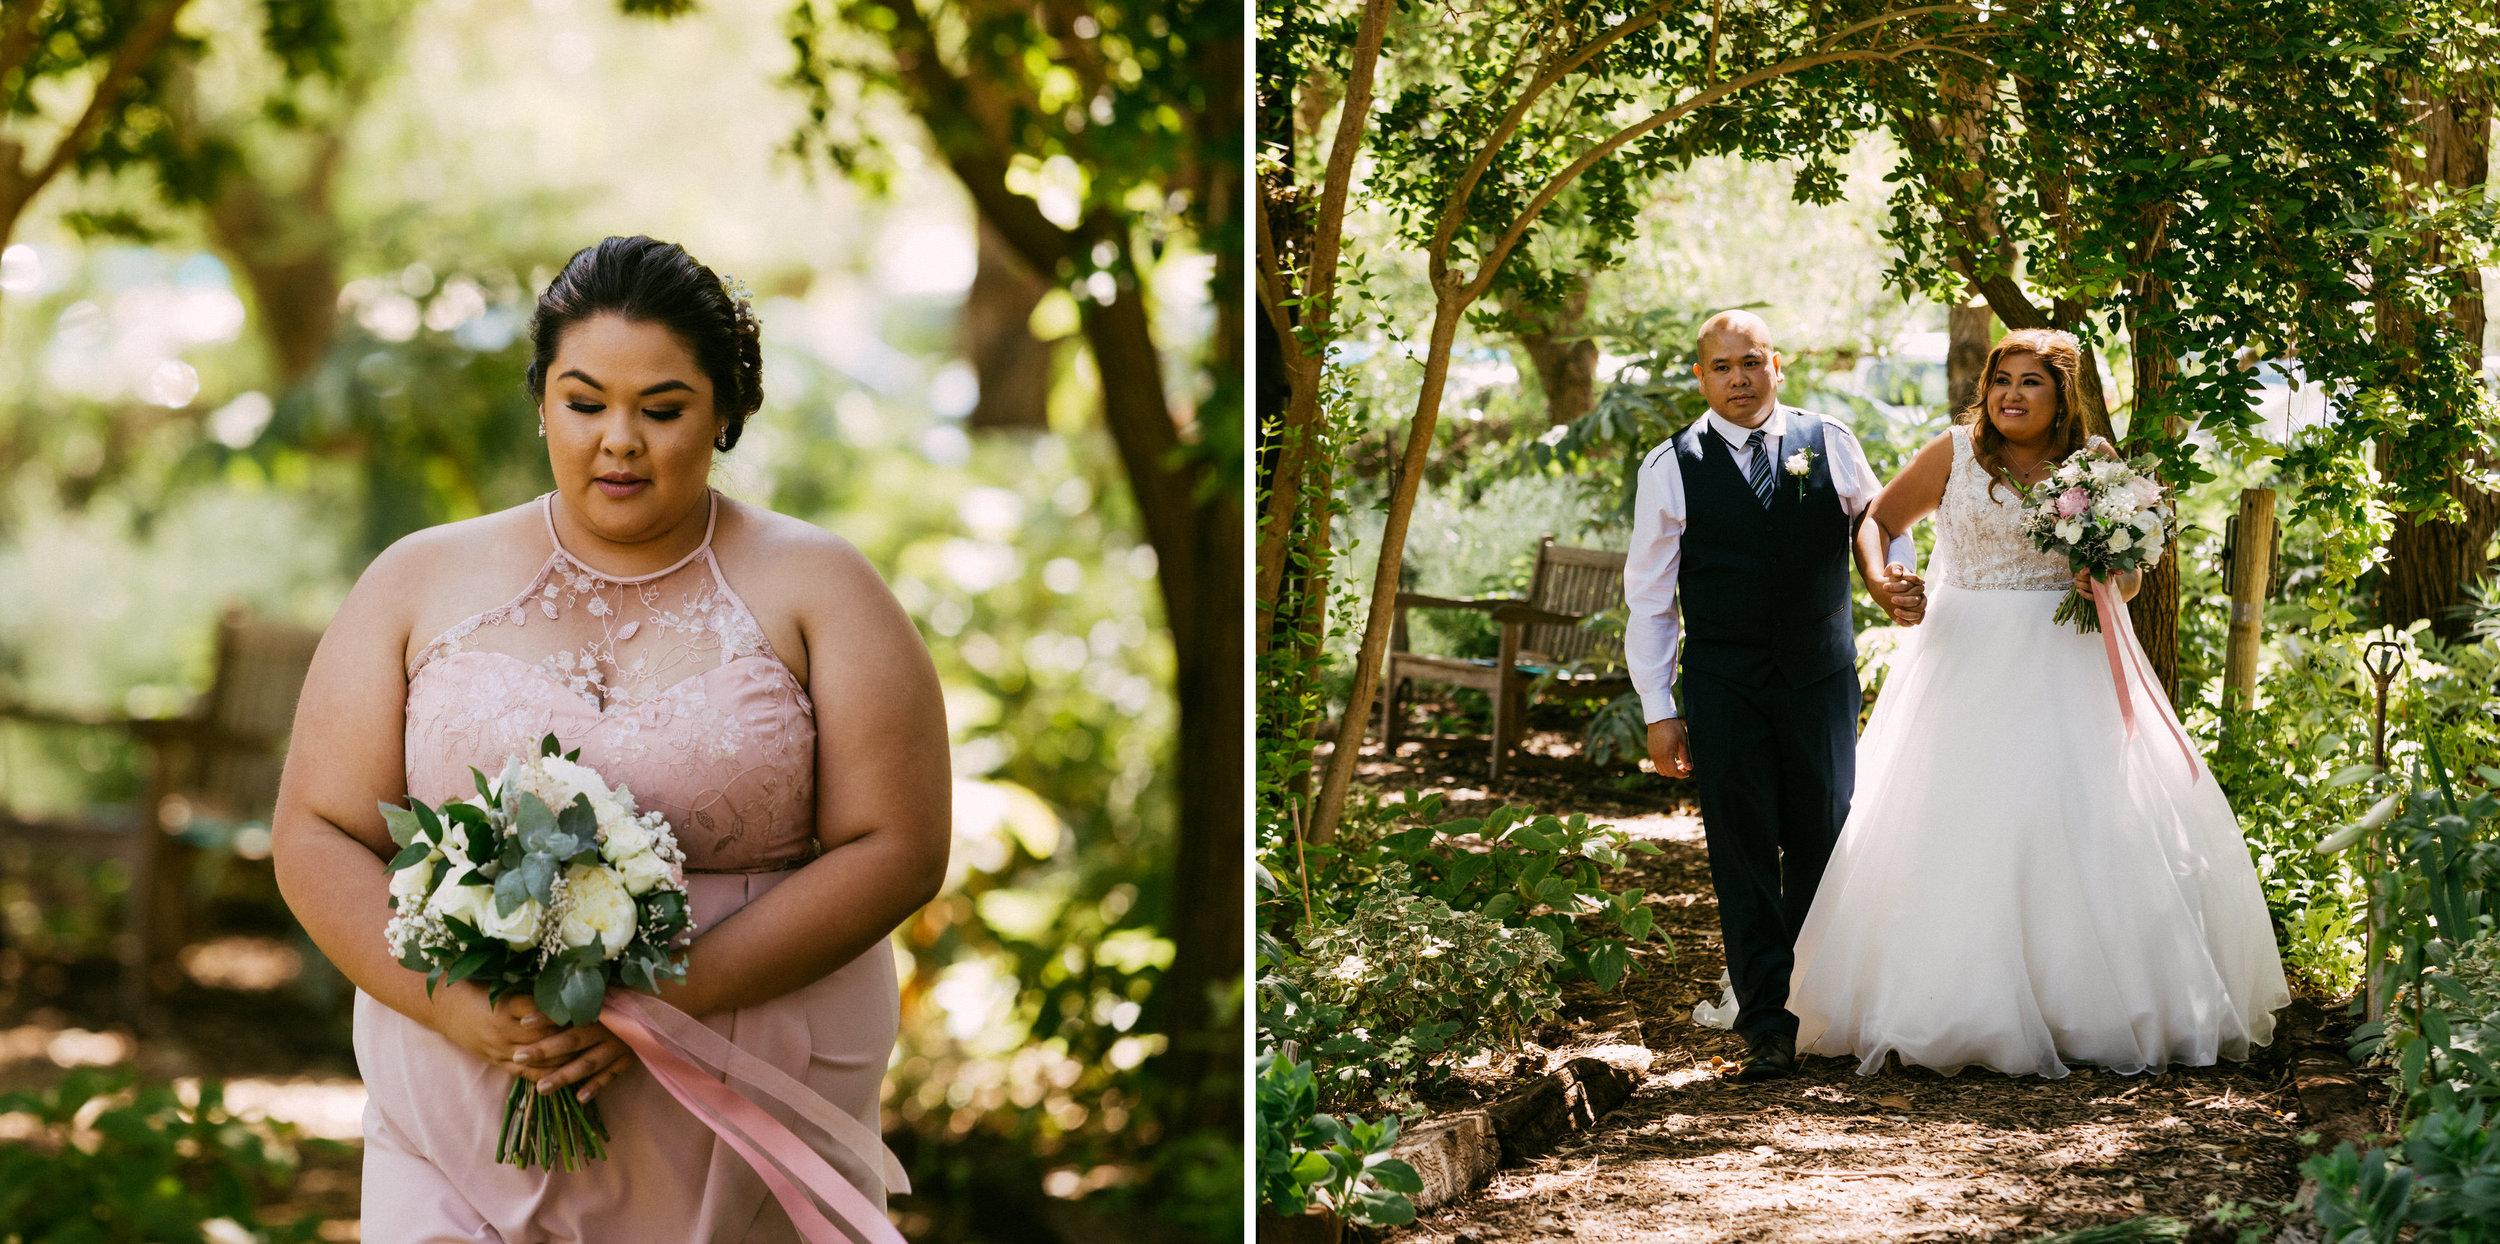 Al Ru Farm Summer Wedding 053.jpg